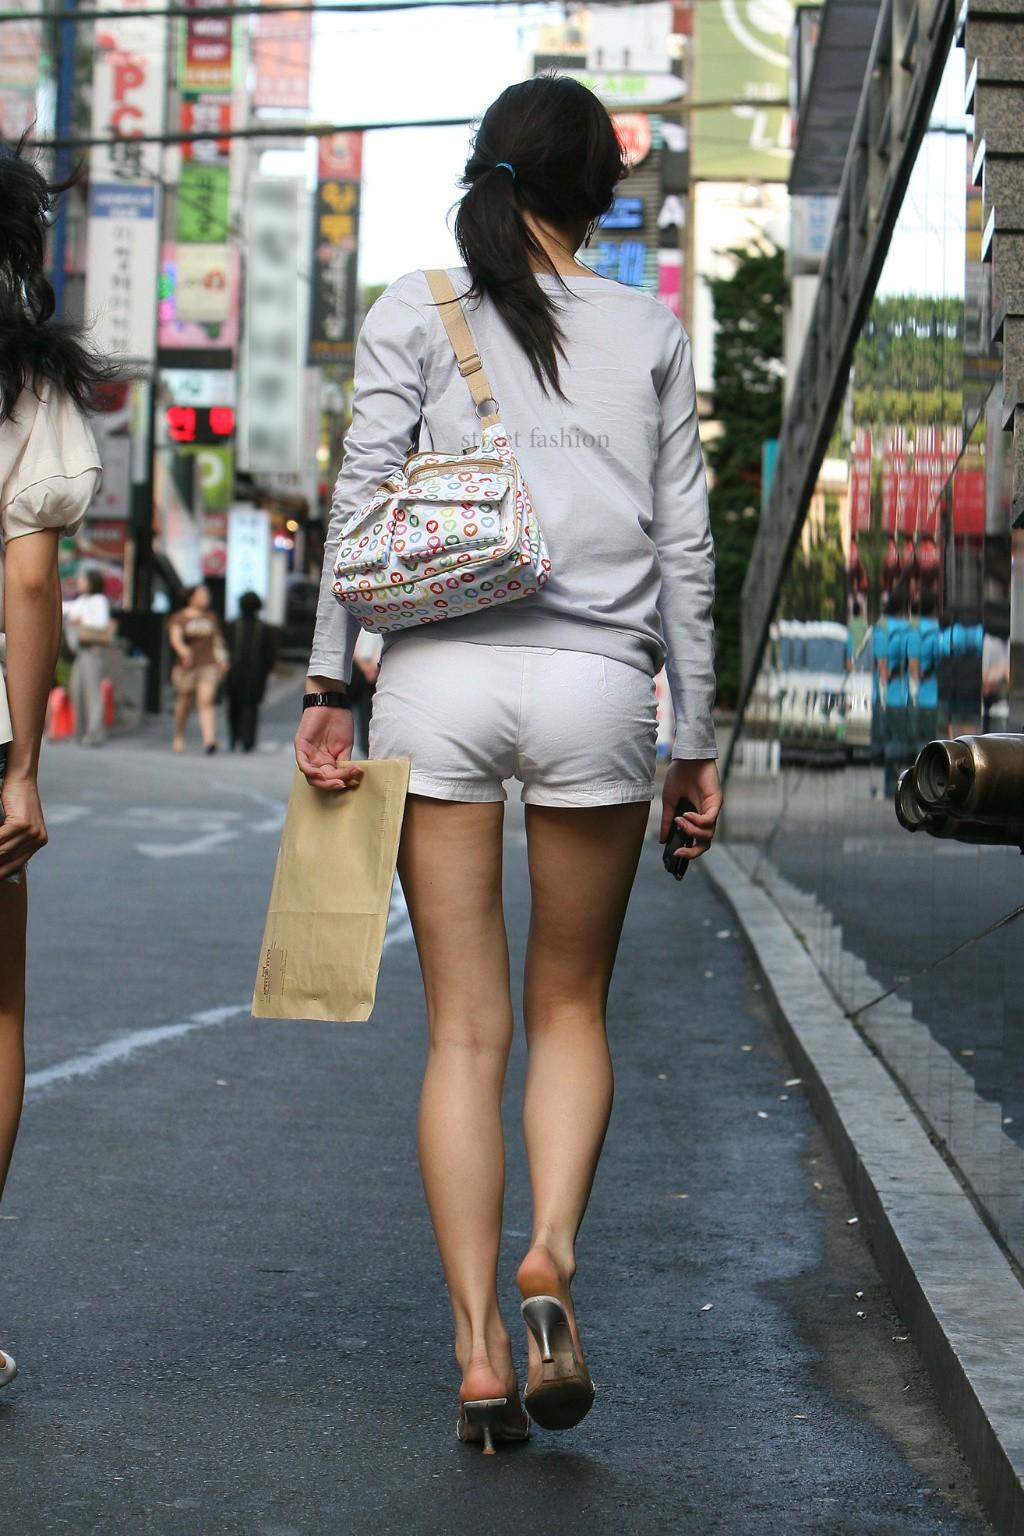 街中を歩くミニスカ韓国女子、意外とイイ尻してますわ(画像37枚)・34枚目